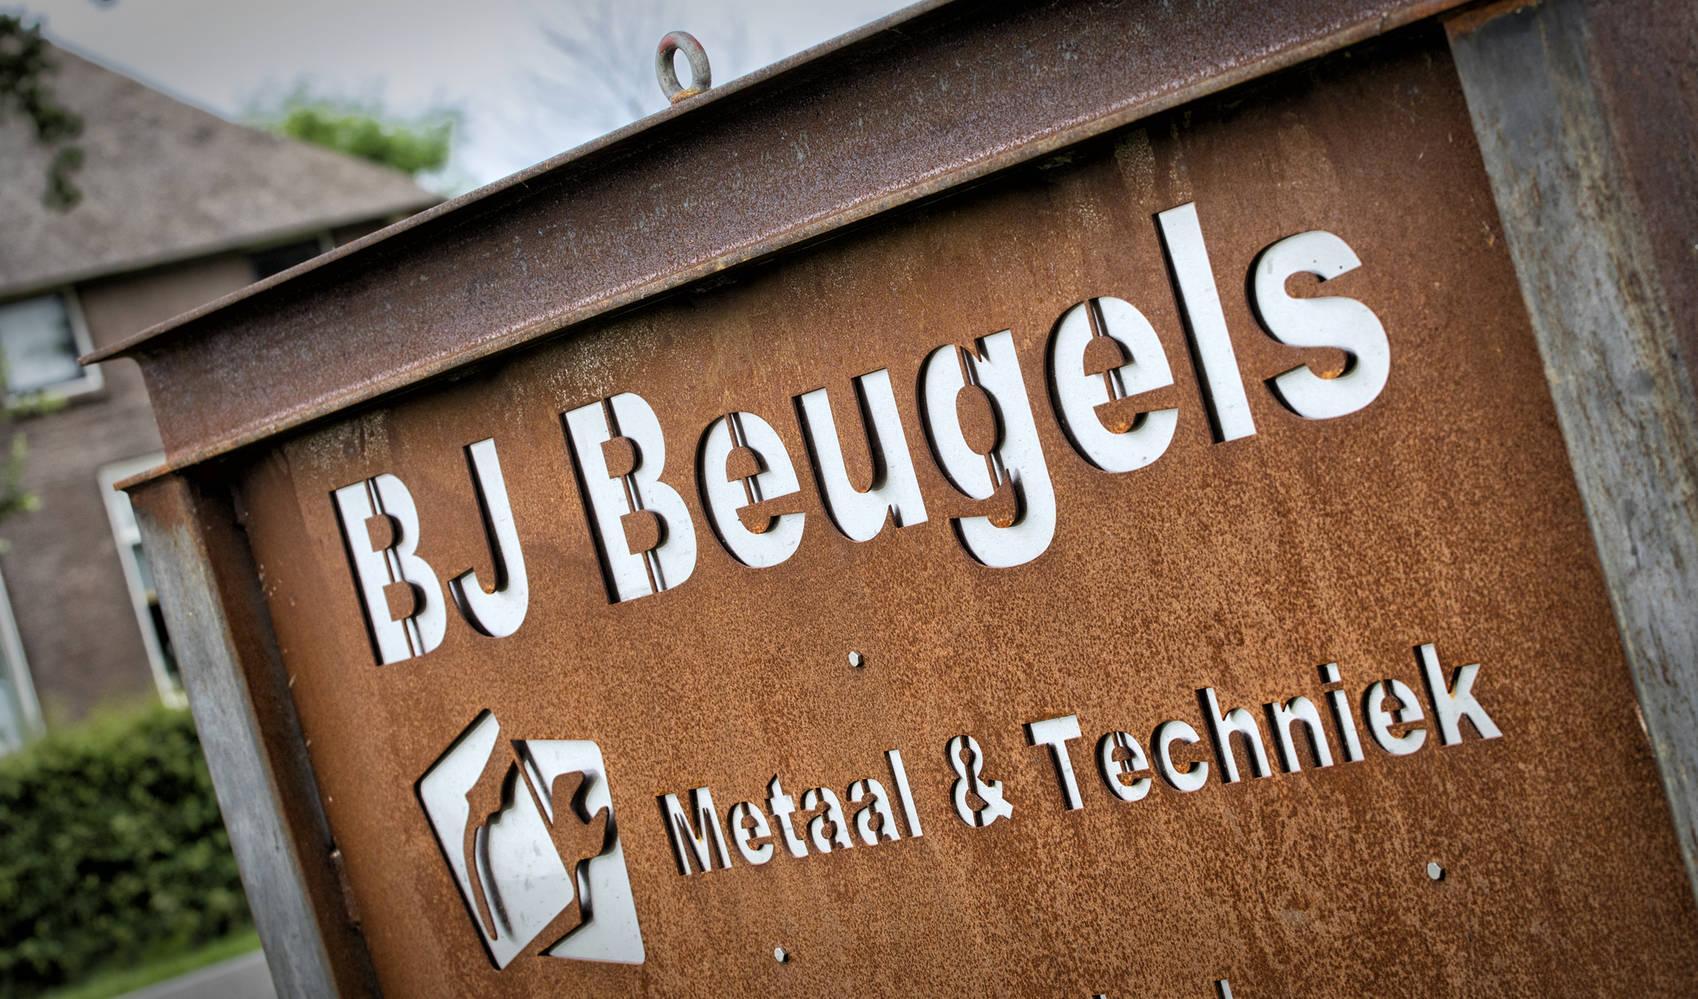 BJ Beugels metaal en techniek